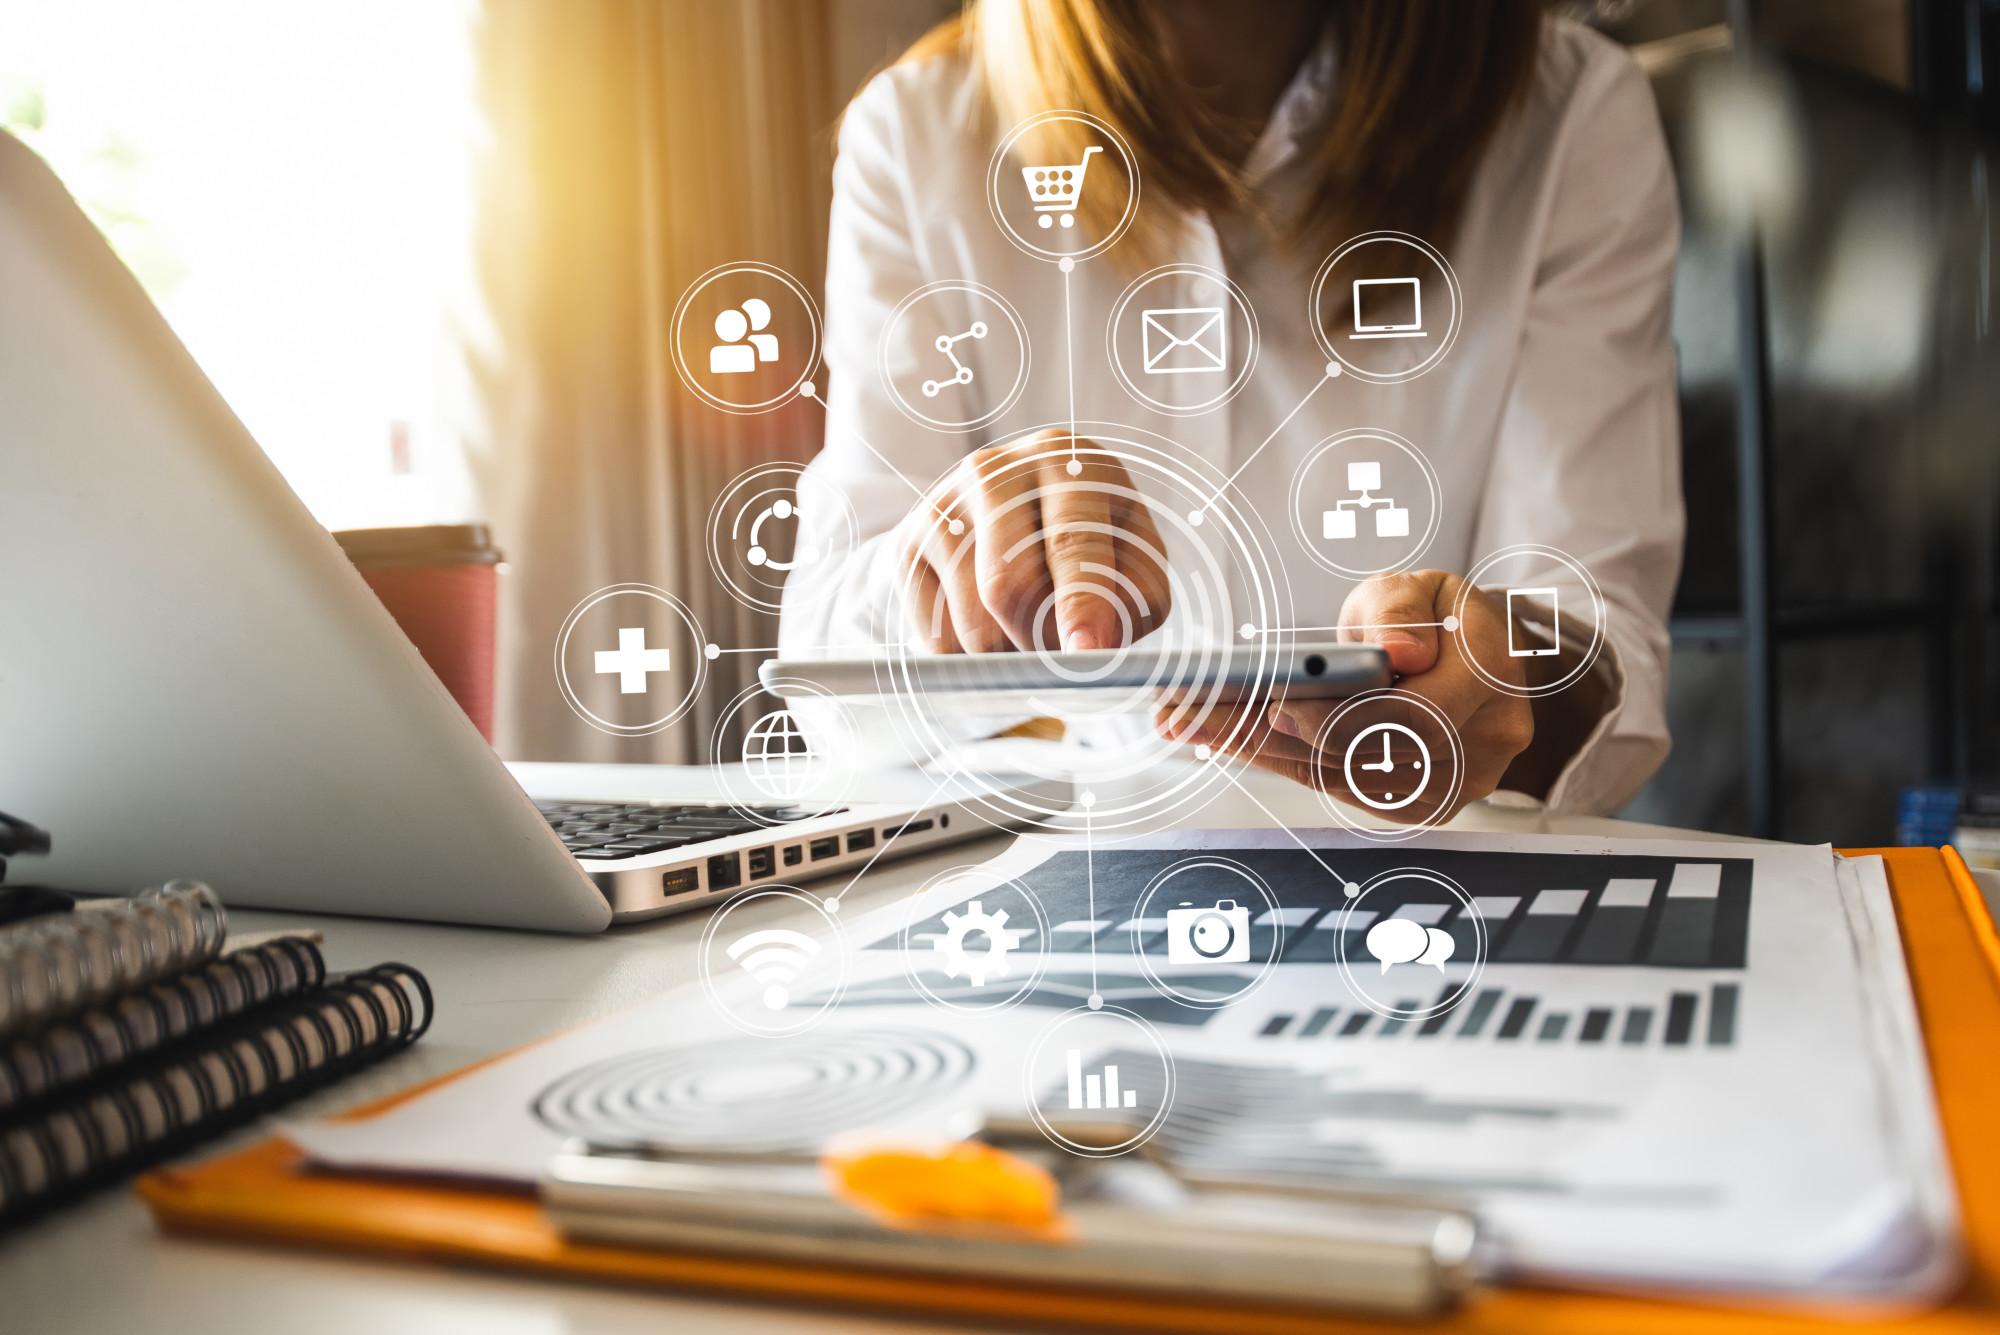 Come avviare il marketing sui social media: una strategia sociale per principianti per le imprese di e-commerce